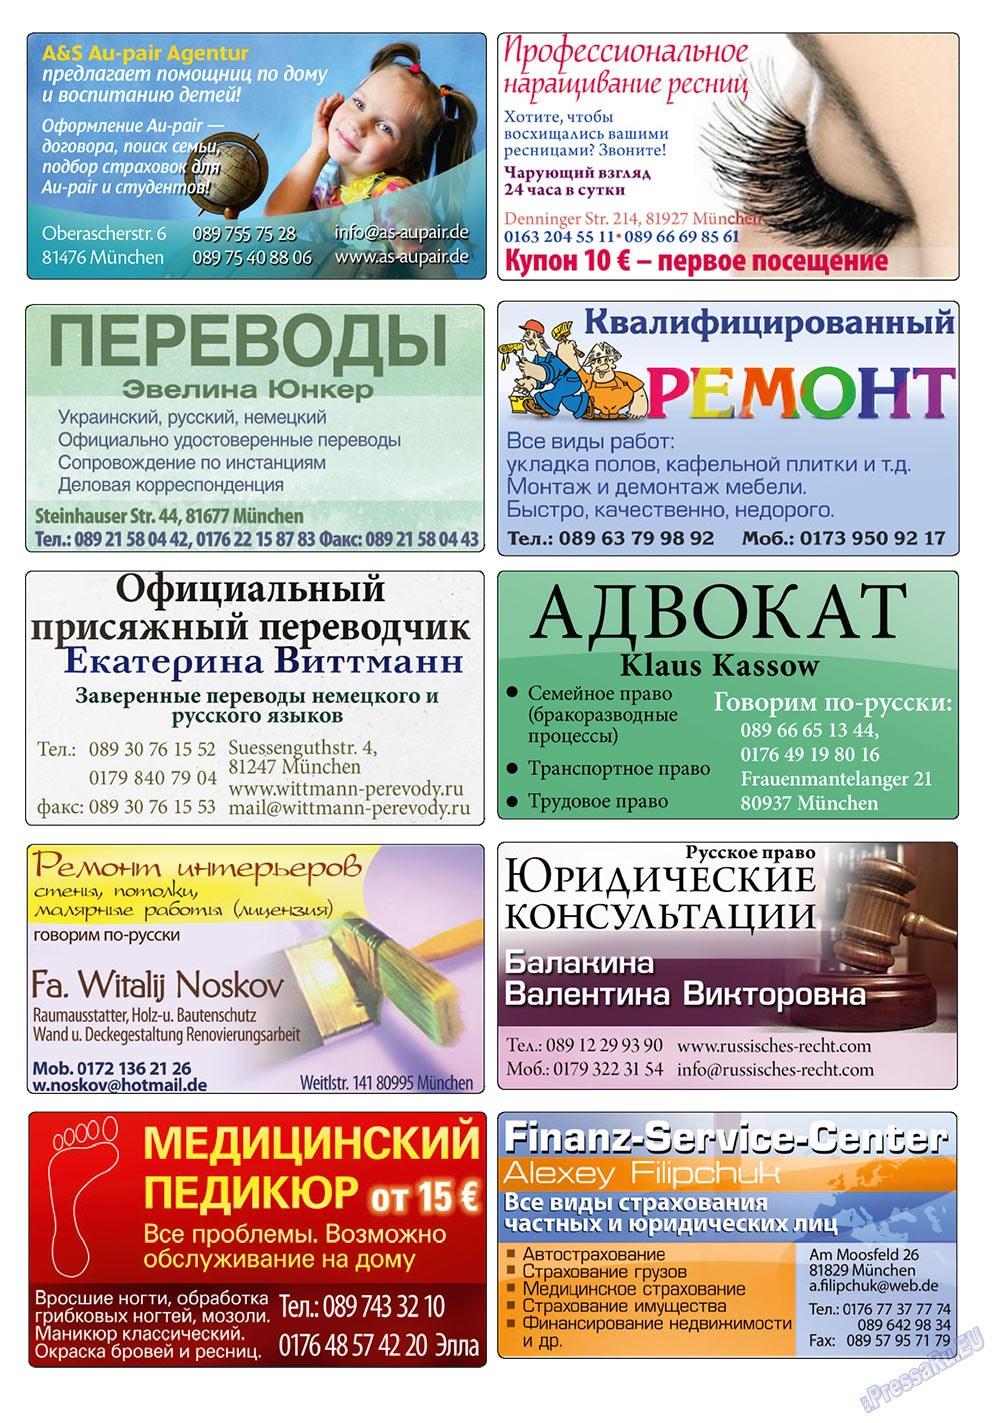 Апельсин (журнал). 2011 год, номер 22, стр. 31